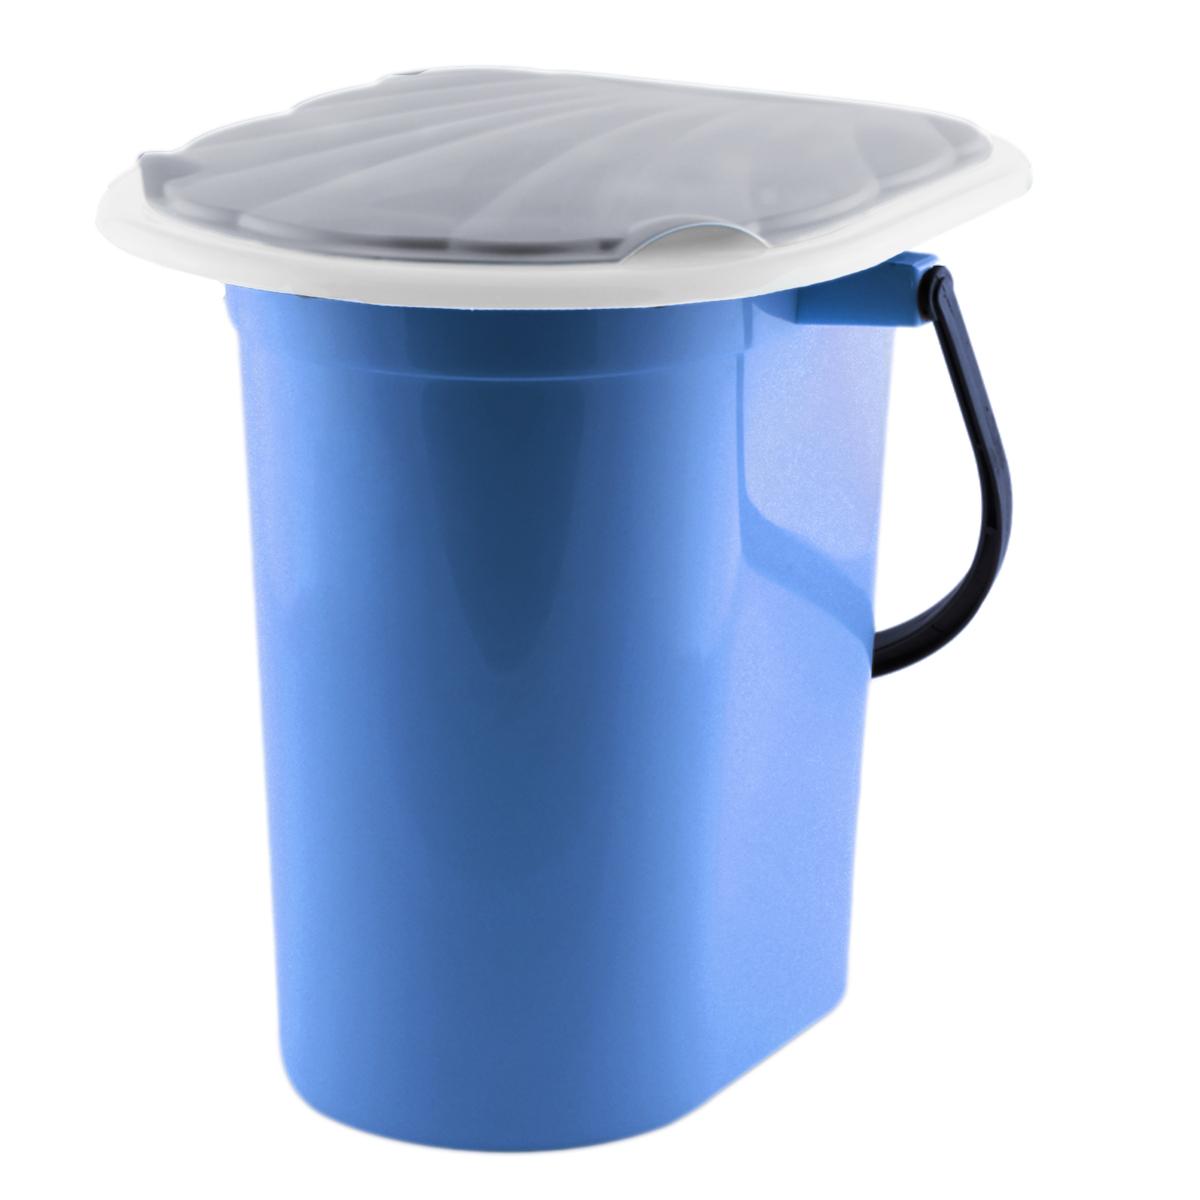 Ведро-туалет InGreen, цвет: синий, серый, 18 лING40000СНВедро-туалет InGreen выполнено из пластика. Это незаменимая вещь на даче, а также для пожилых людей и людей с ограниченными возможностями. Устойчивое и высокое ведро удобно в использовании. Ведро-туалет имеет эргономичное съемное сиденье - это позволит легко его мыть и сушить отдельно. Ведро снабжено крышкой, что препятствует распространению неприятных запахов. Прочный пластик выдержит даже людей с большим весом.